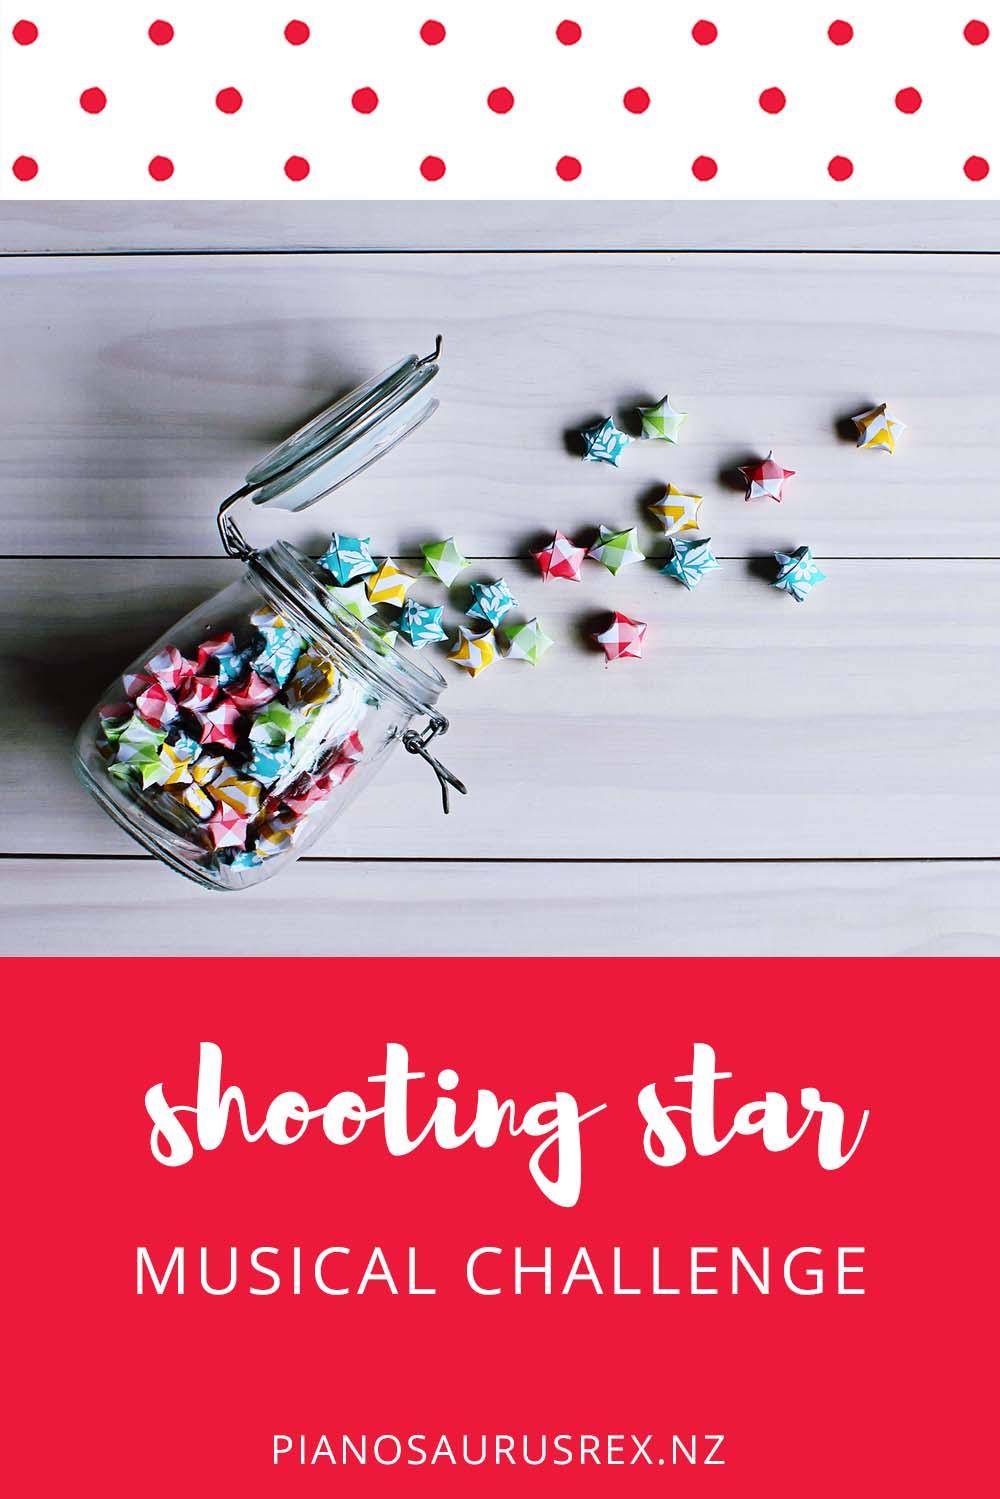 Shooting Star Musical Challenge